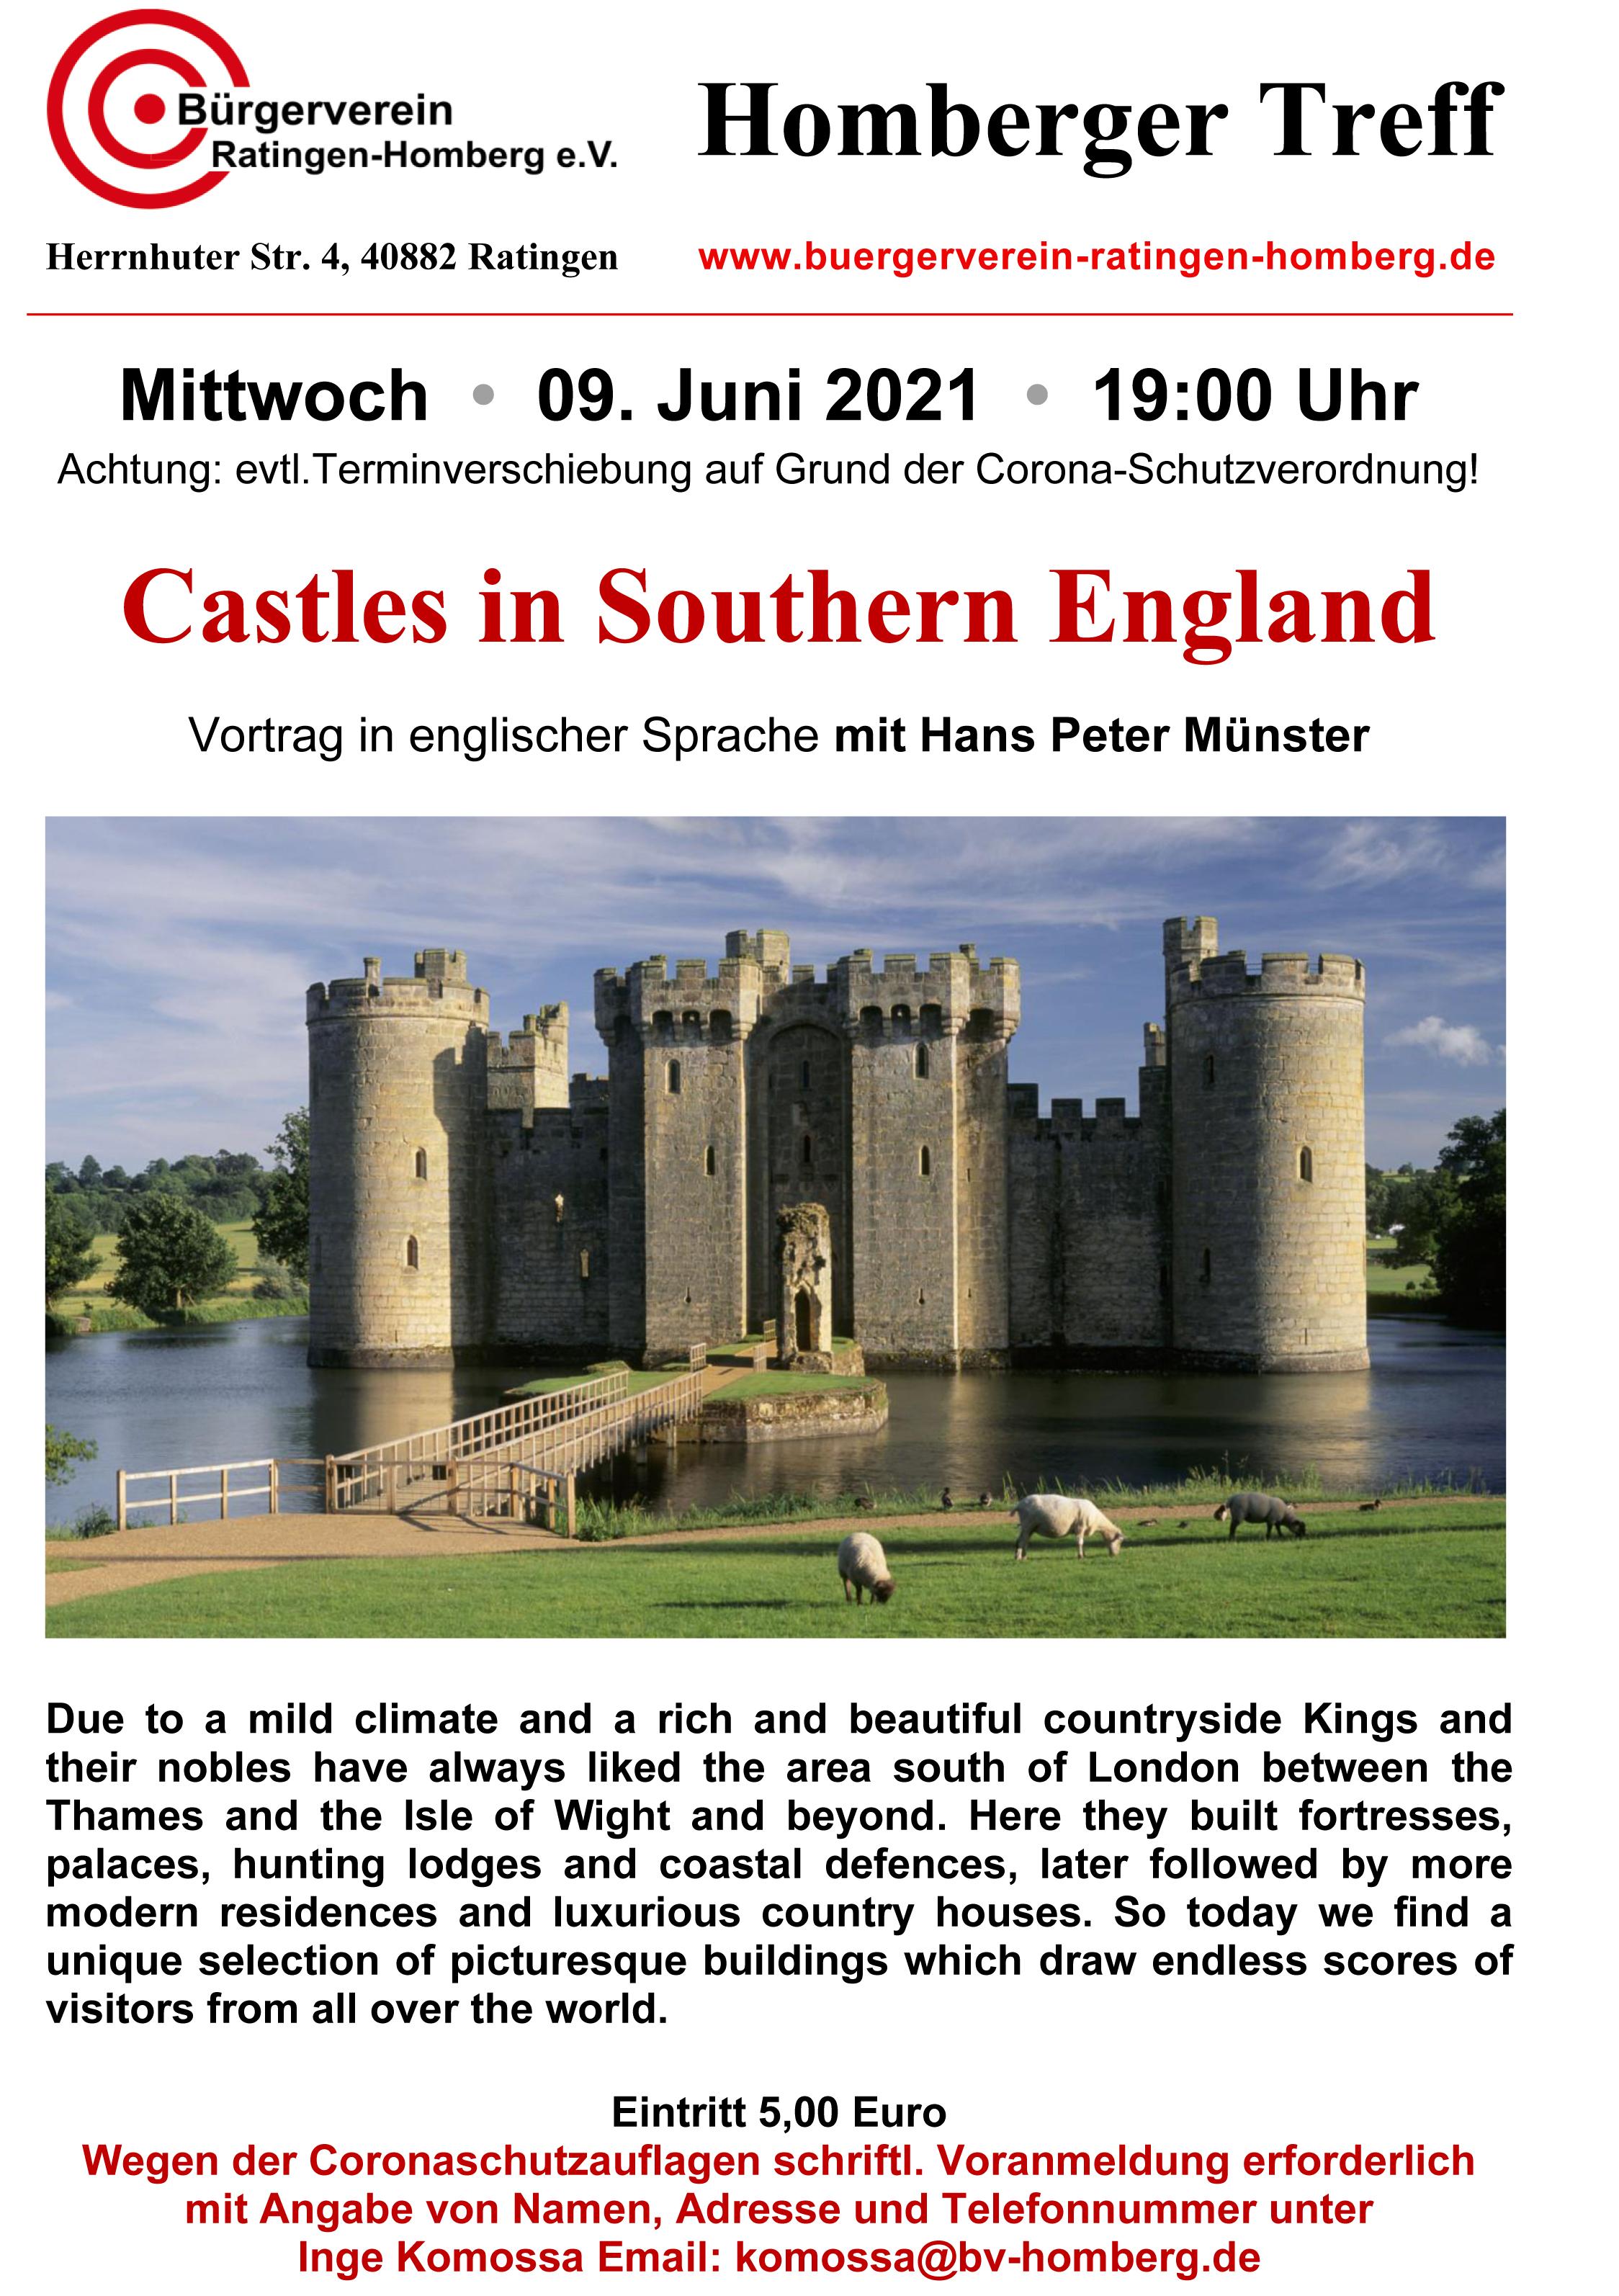 Castles in Southern England - Vortrag in englischer Sprache mit Hans Peter Münster